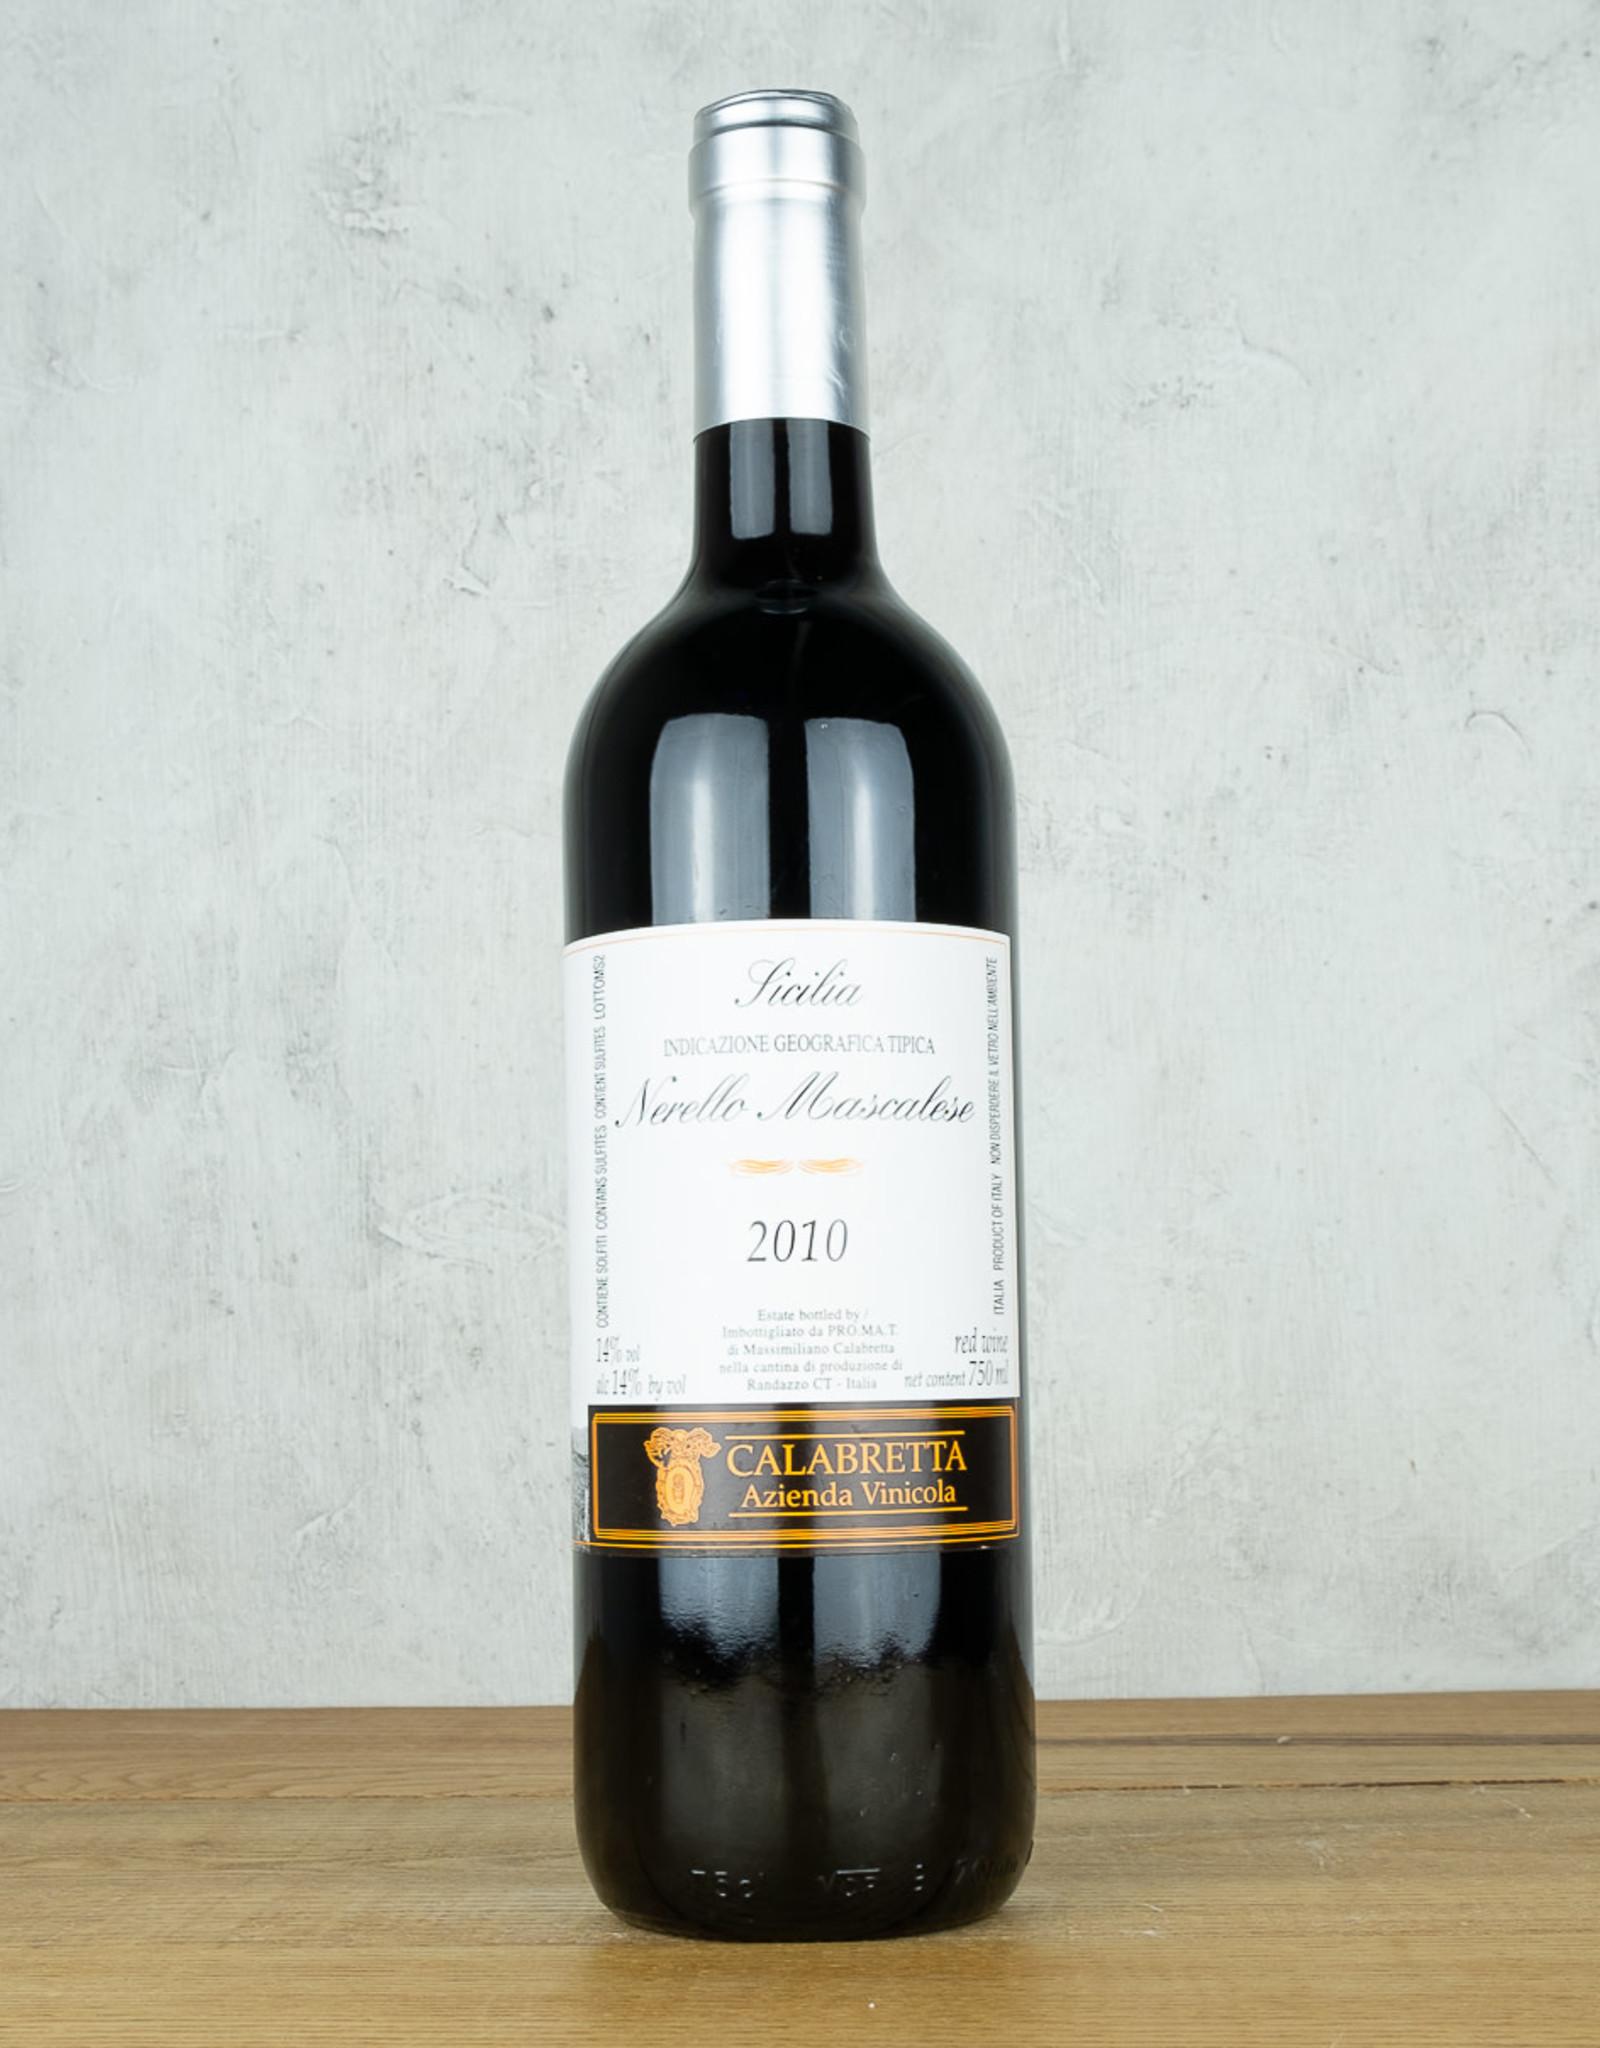 Calabretta Nerello Mascalese Vecchie Vigne